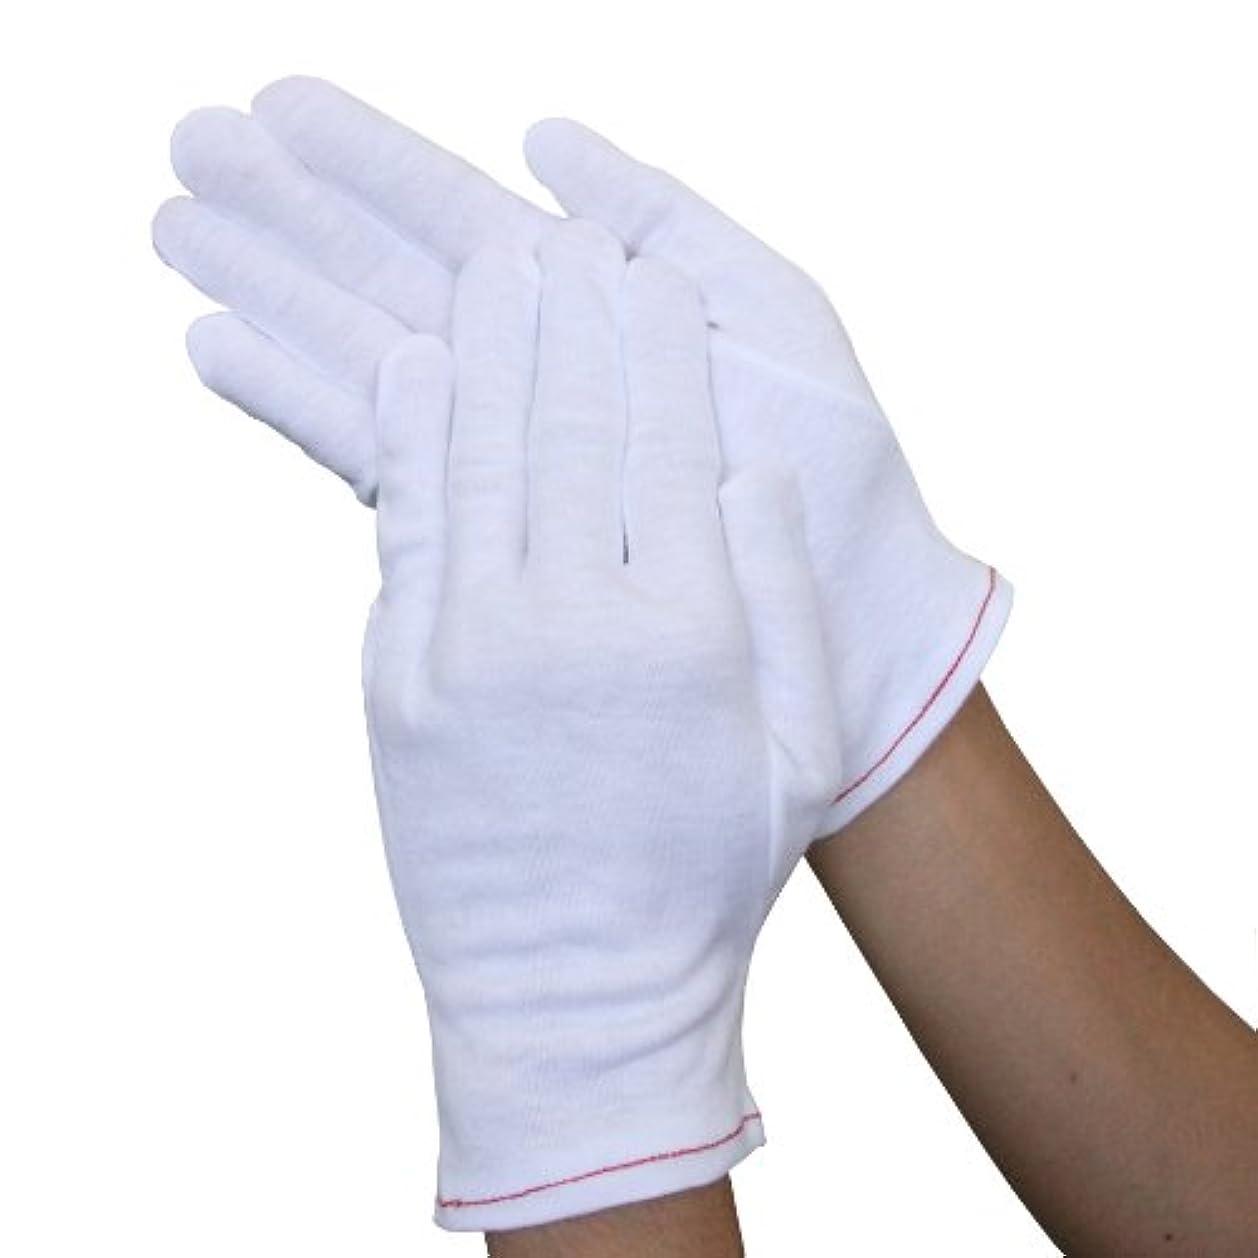 キャプチャー想定既婚ウインセス 【心地よい肌触り/おやすみ手袋】 綿100%手袋 (2双) (LL)